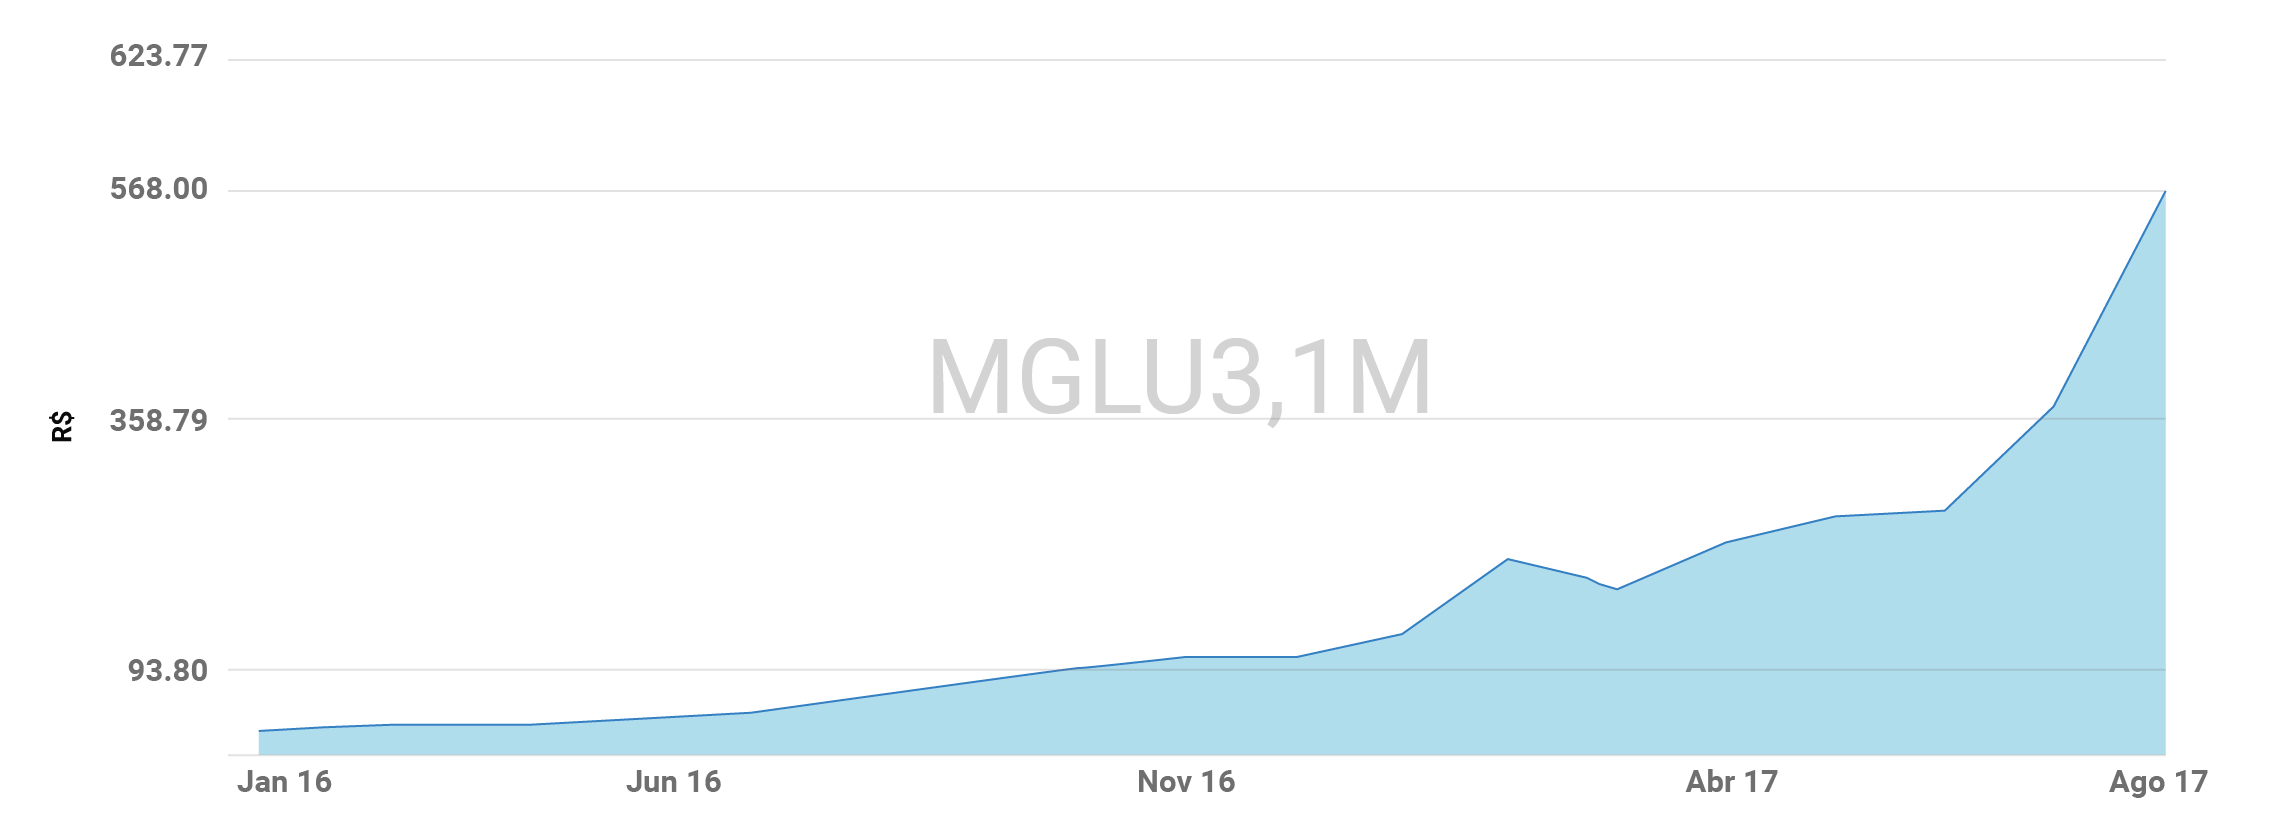 Gráfico da cotação das ações Magazine Luiza